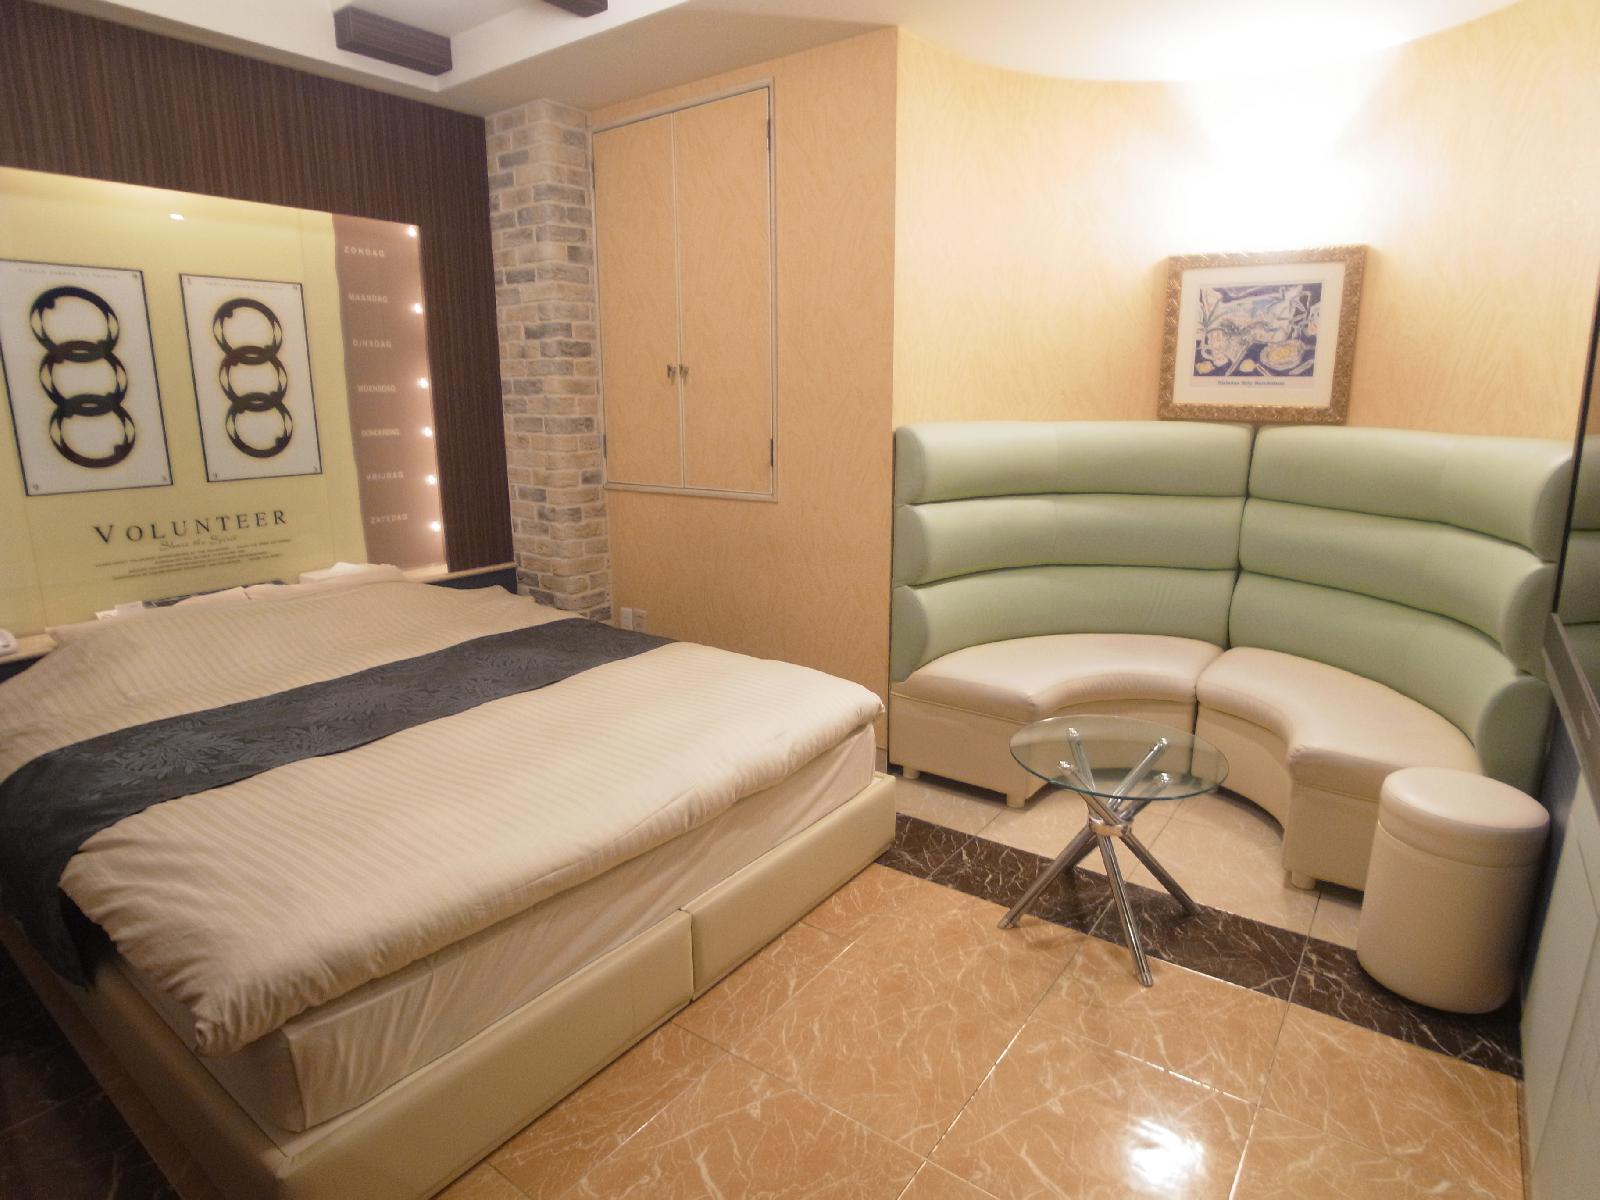 ラブホテルのSMマシーン ホテル アドレ(ADORE)(東京都豊島区)の情報・口コミ [ラブホテル 検索&ガイド]